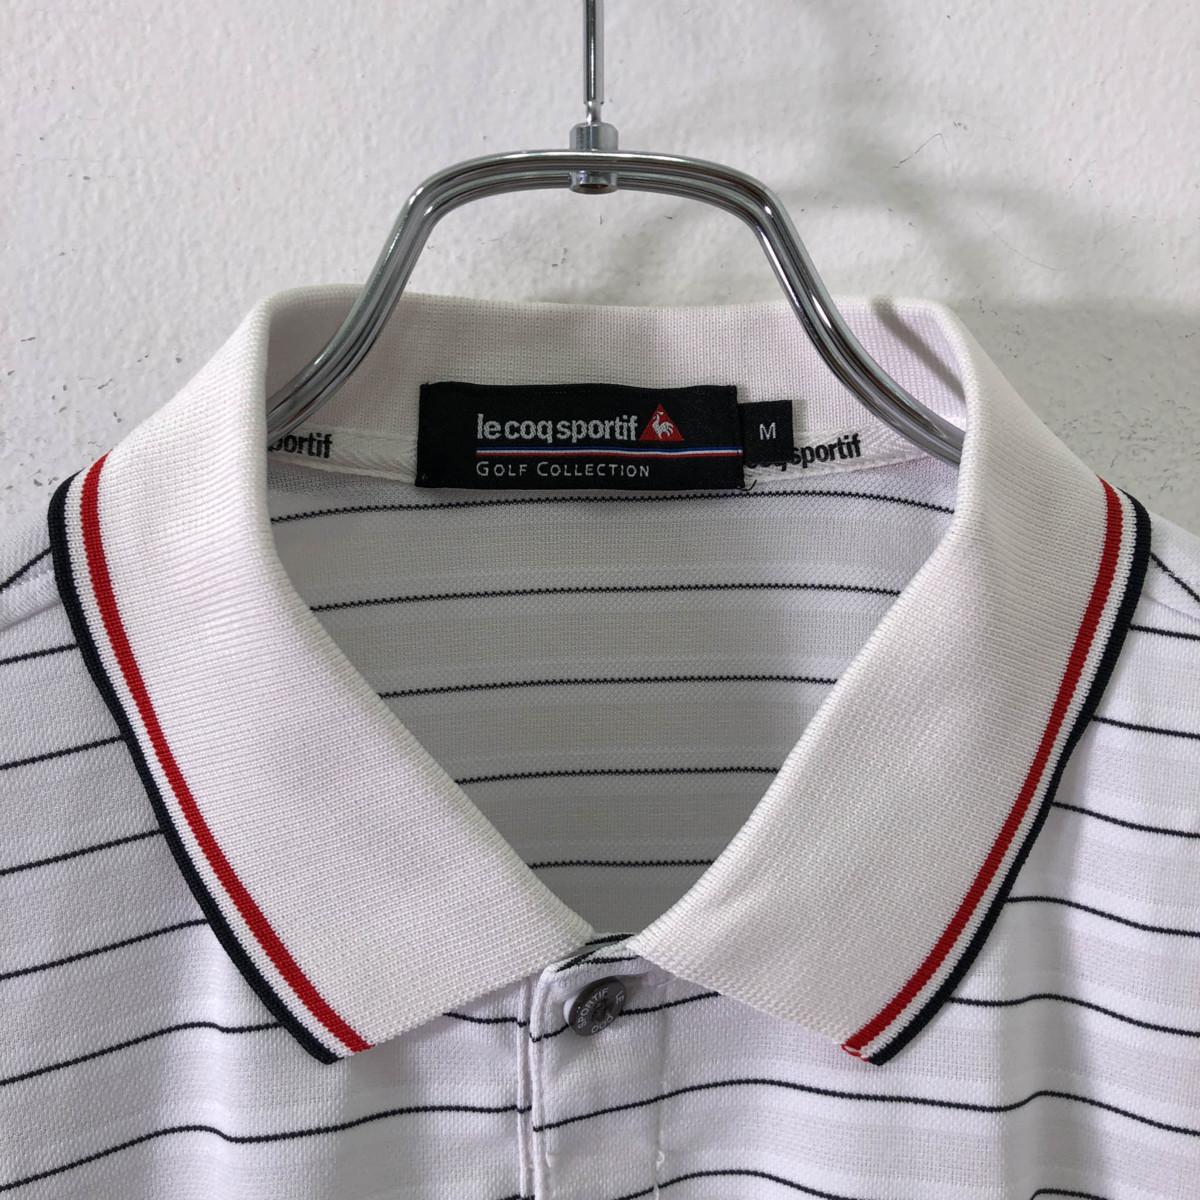 ゴルフに!!◆le coq sportif GOLF ルコック ゴルフ ロゴ刺繍 ボーダー柄 半袖 ドライ ポロシャツ M/メンズ スポーツ 白 ホワイト_画像5